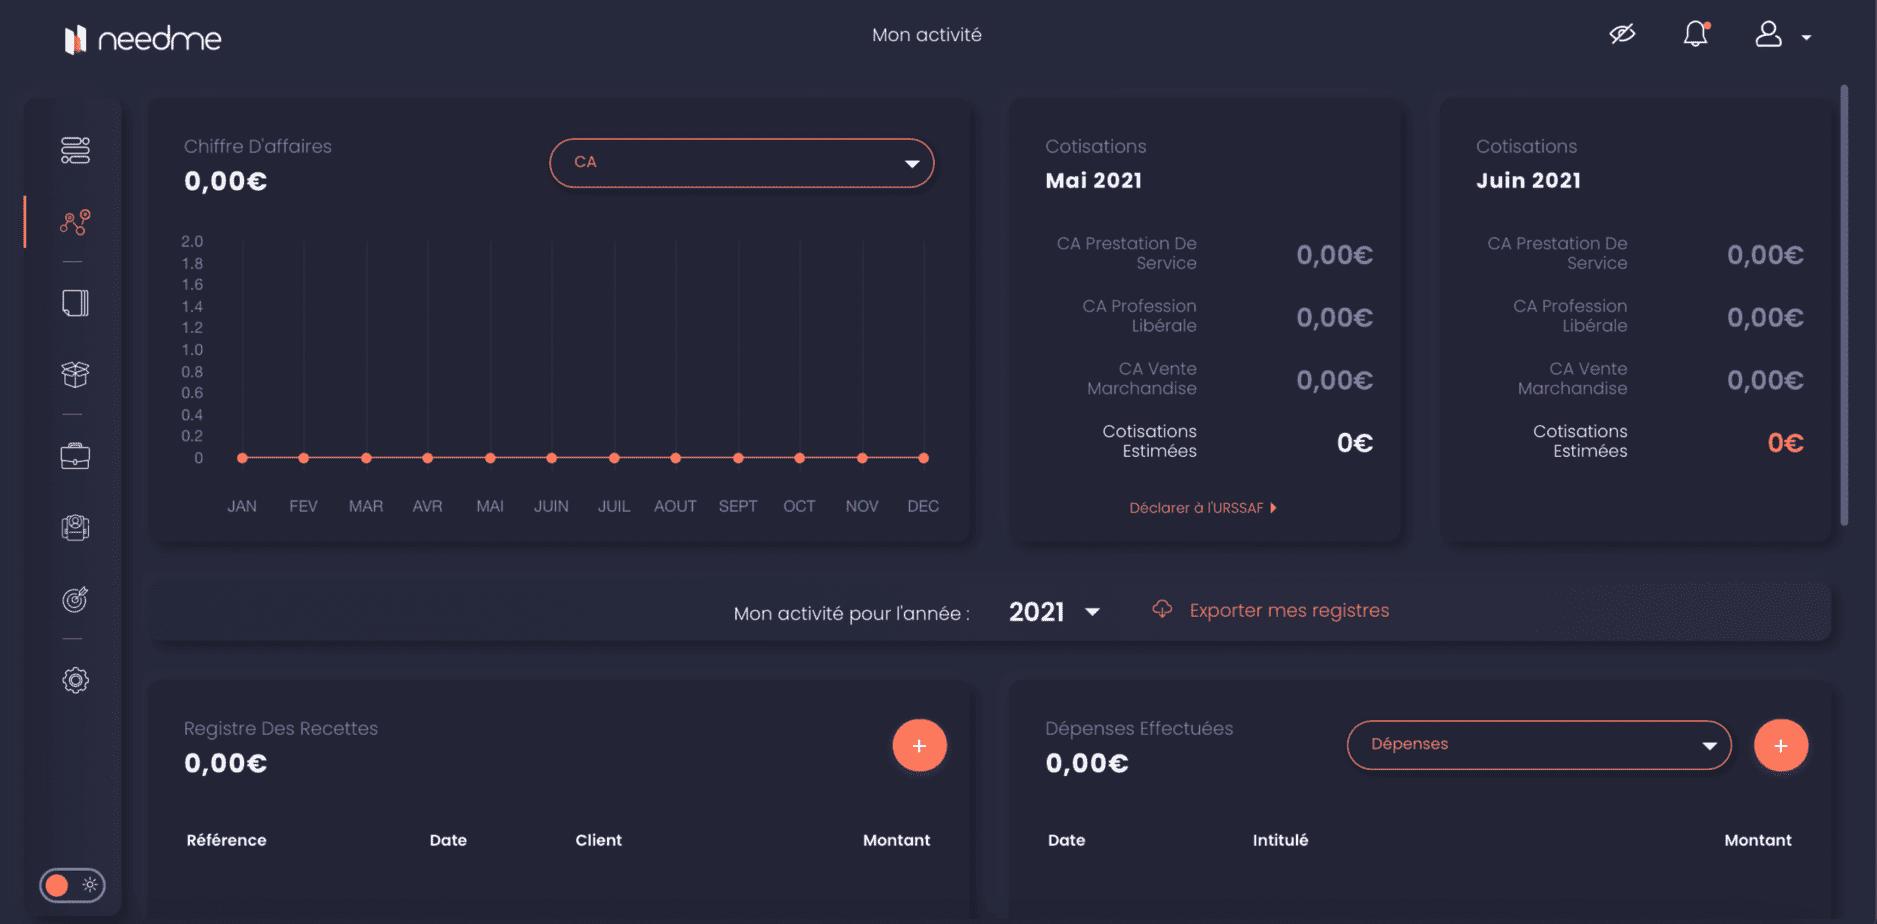 L'interface Mon activité de NeedMe.